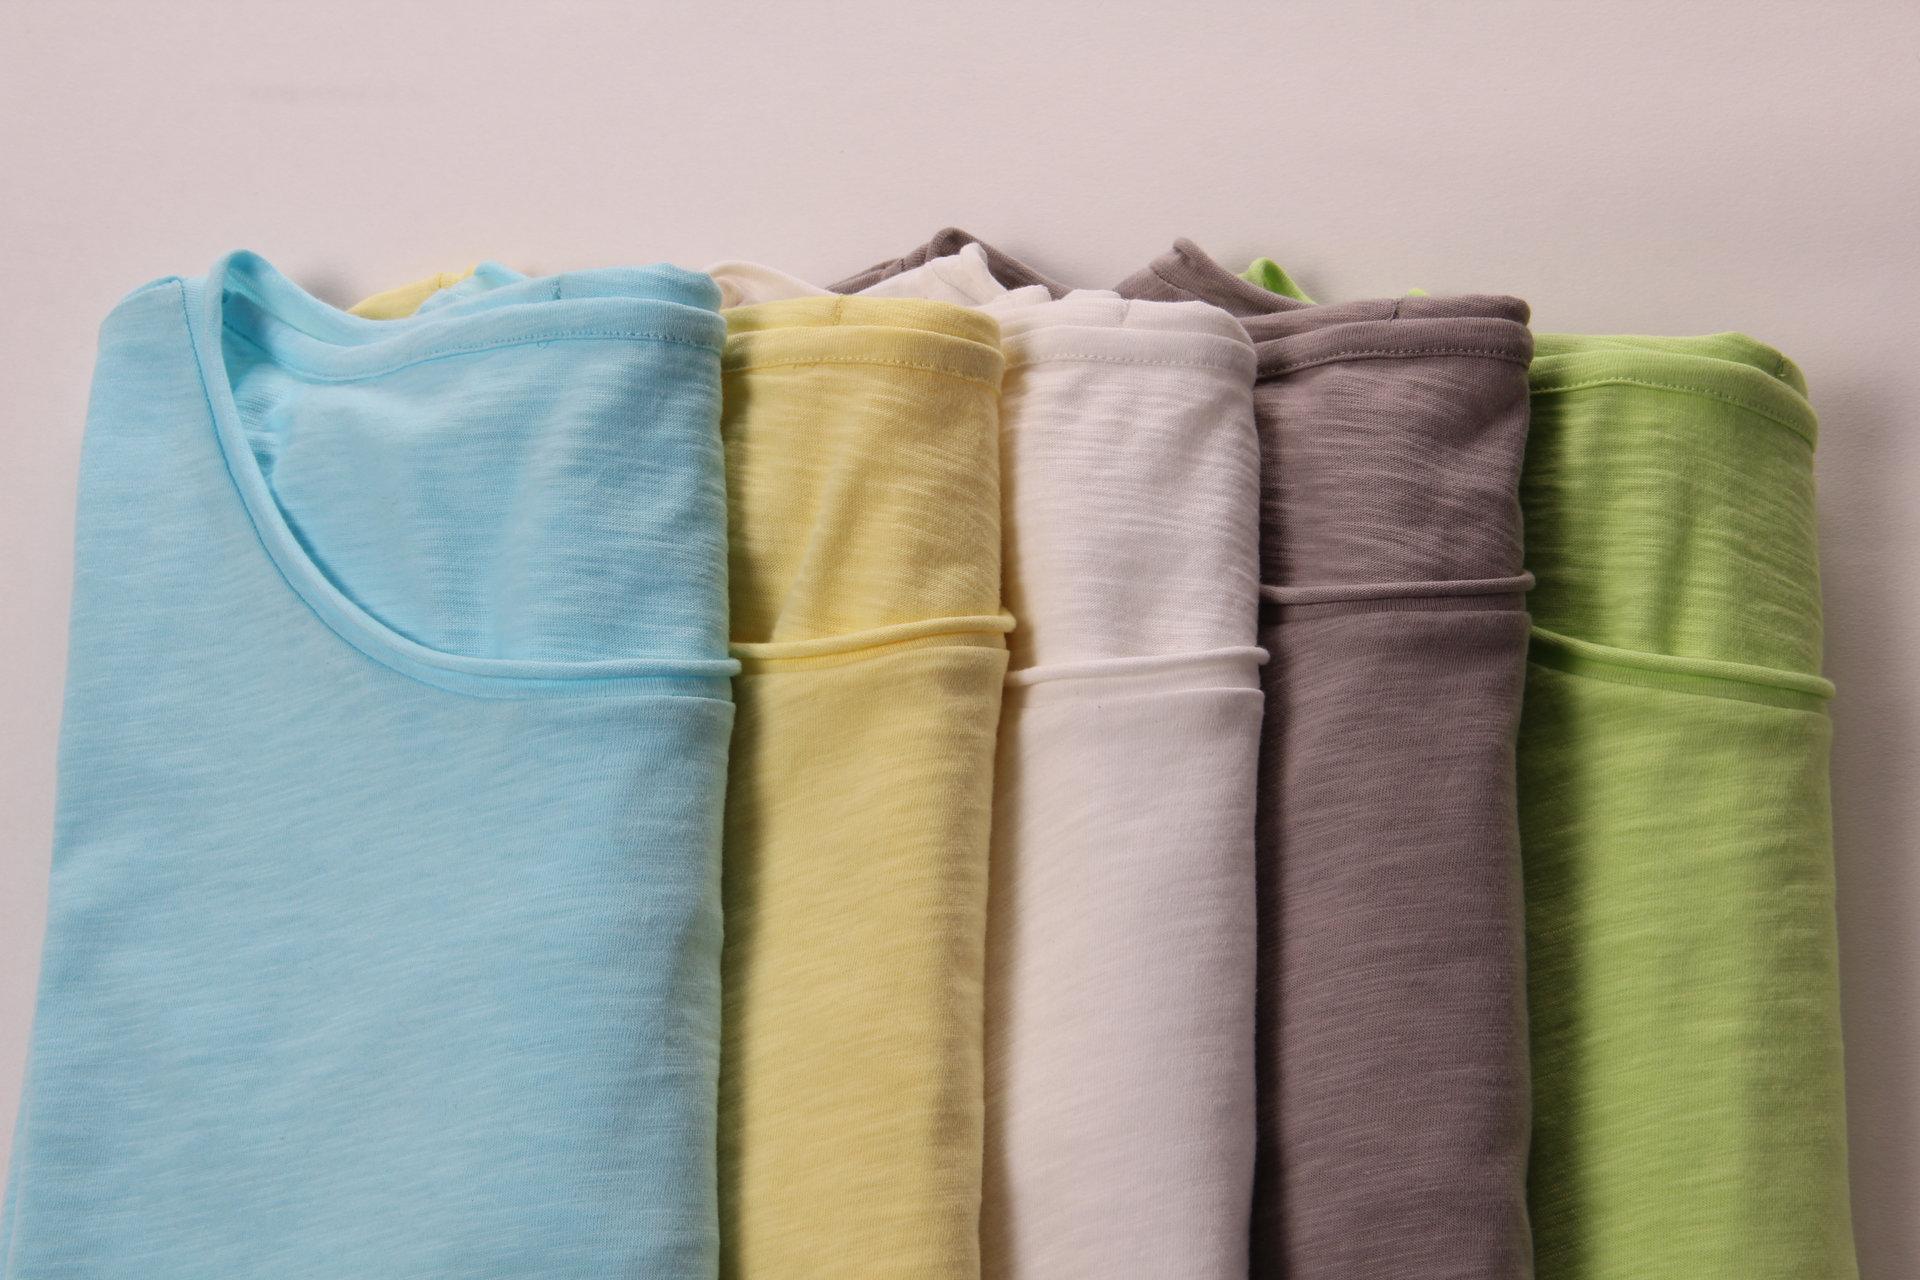 竹节棉是什么面料